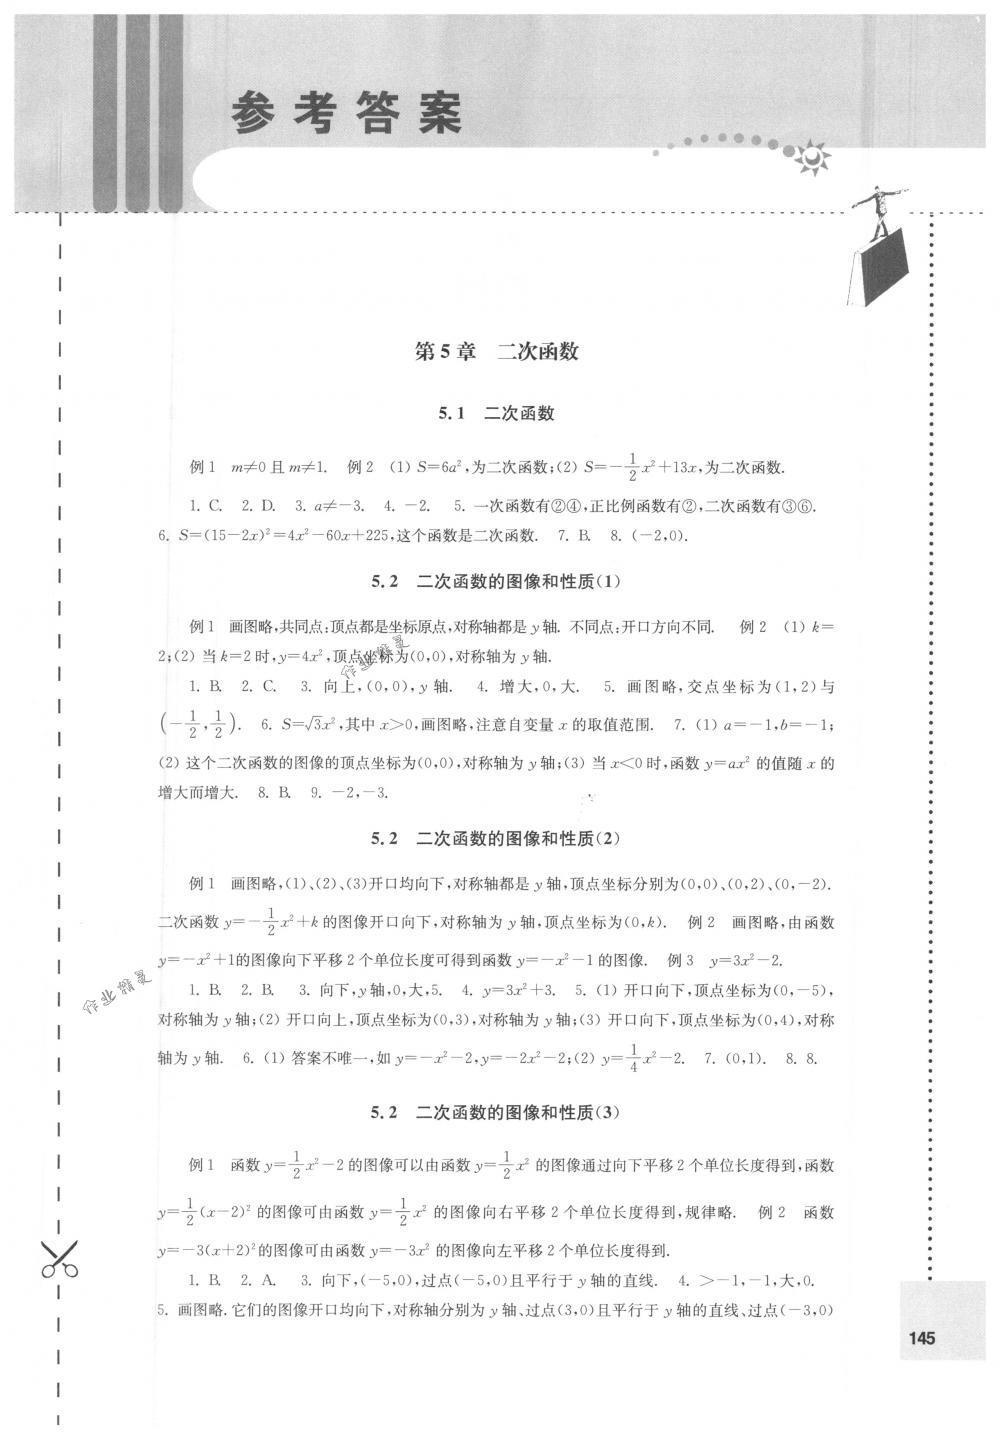 2018年课课练初中数学九年级下册苏科版第1页